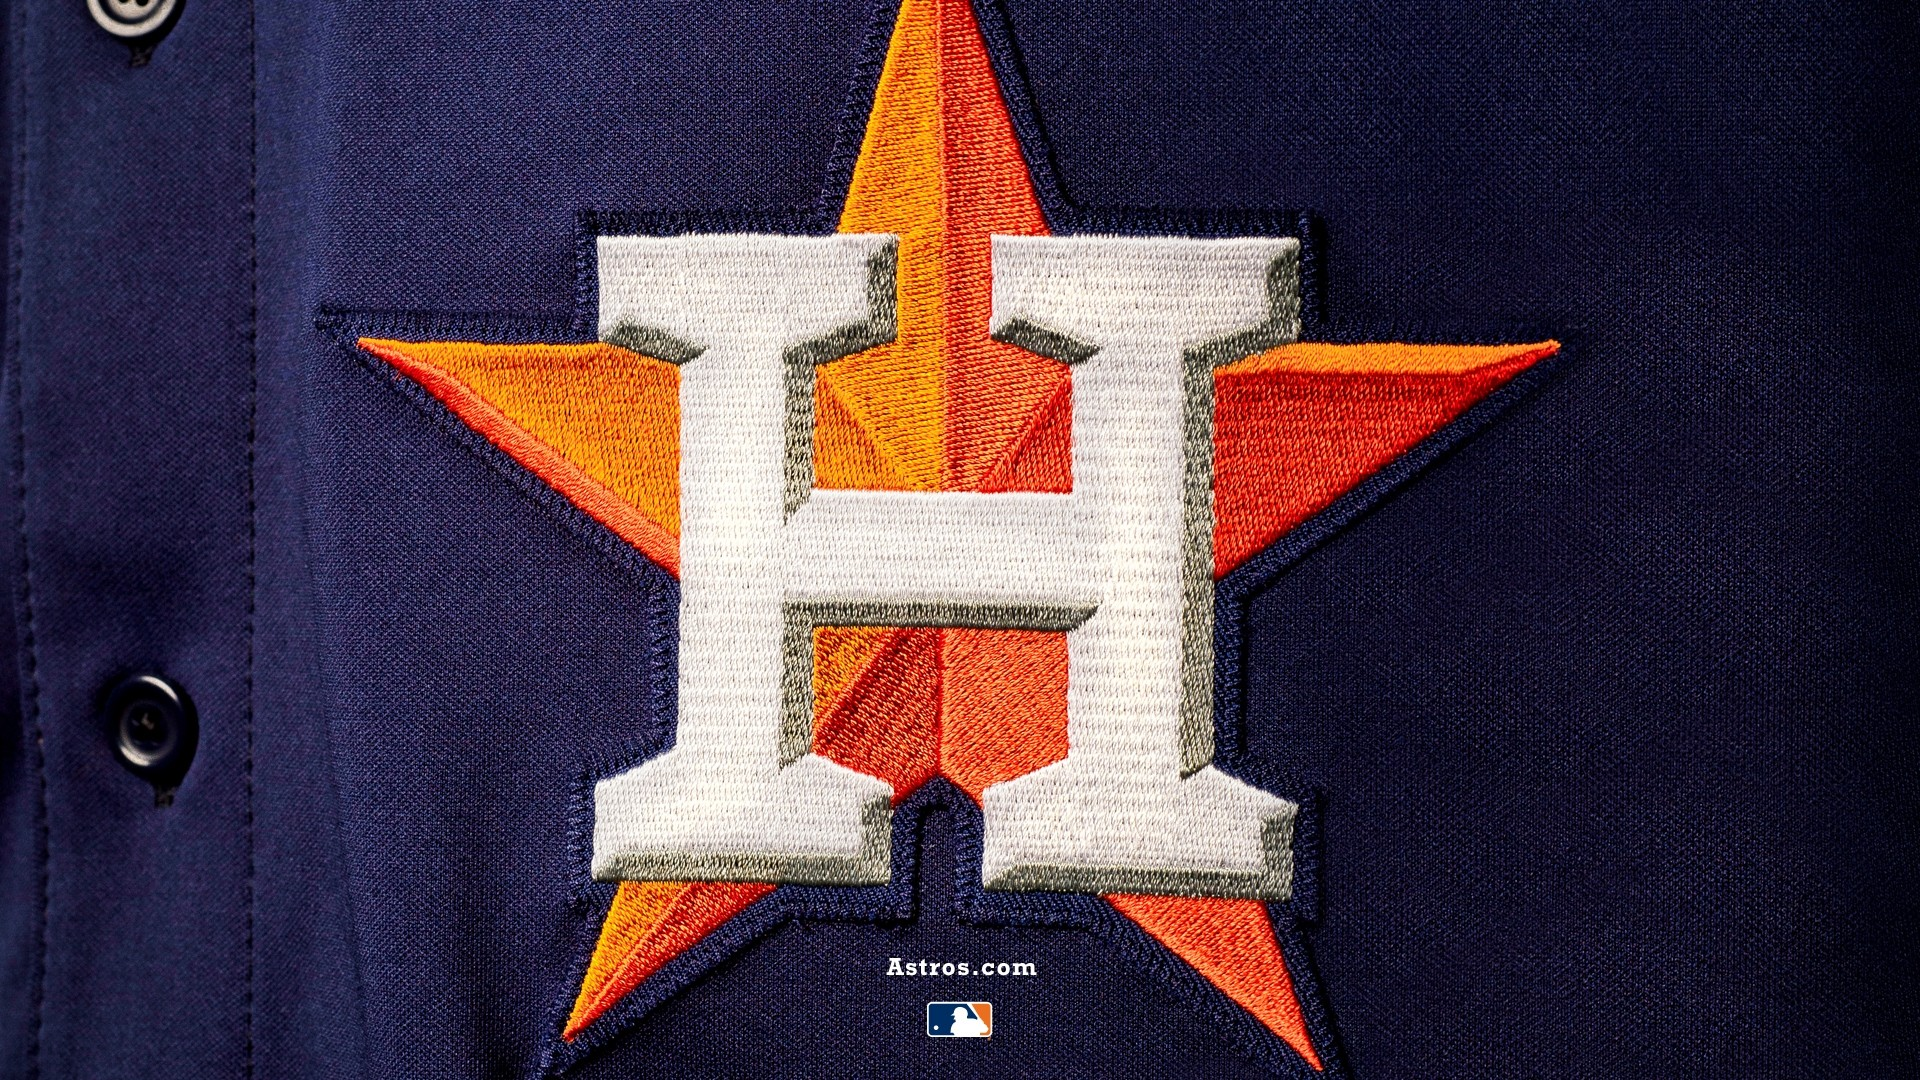 Houston Astros Wallpaper for pc